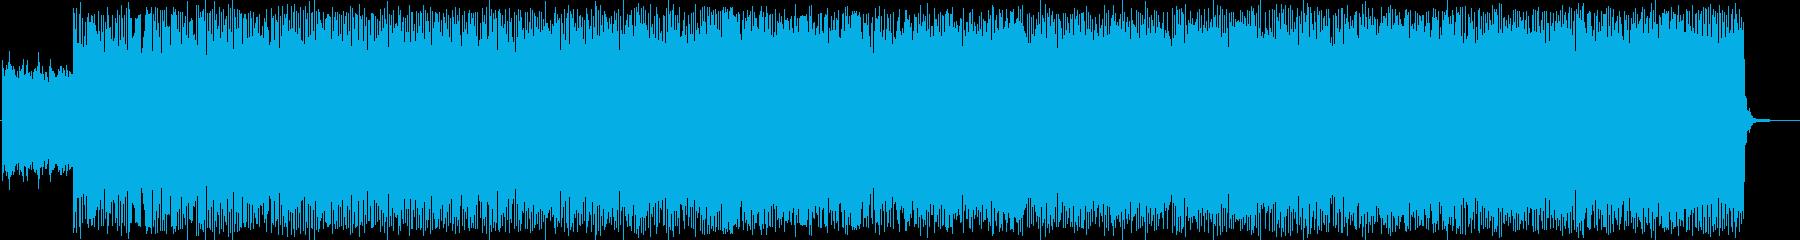 ヒステリックなハードコアパンク!の再生済みの波形